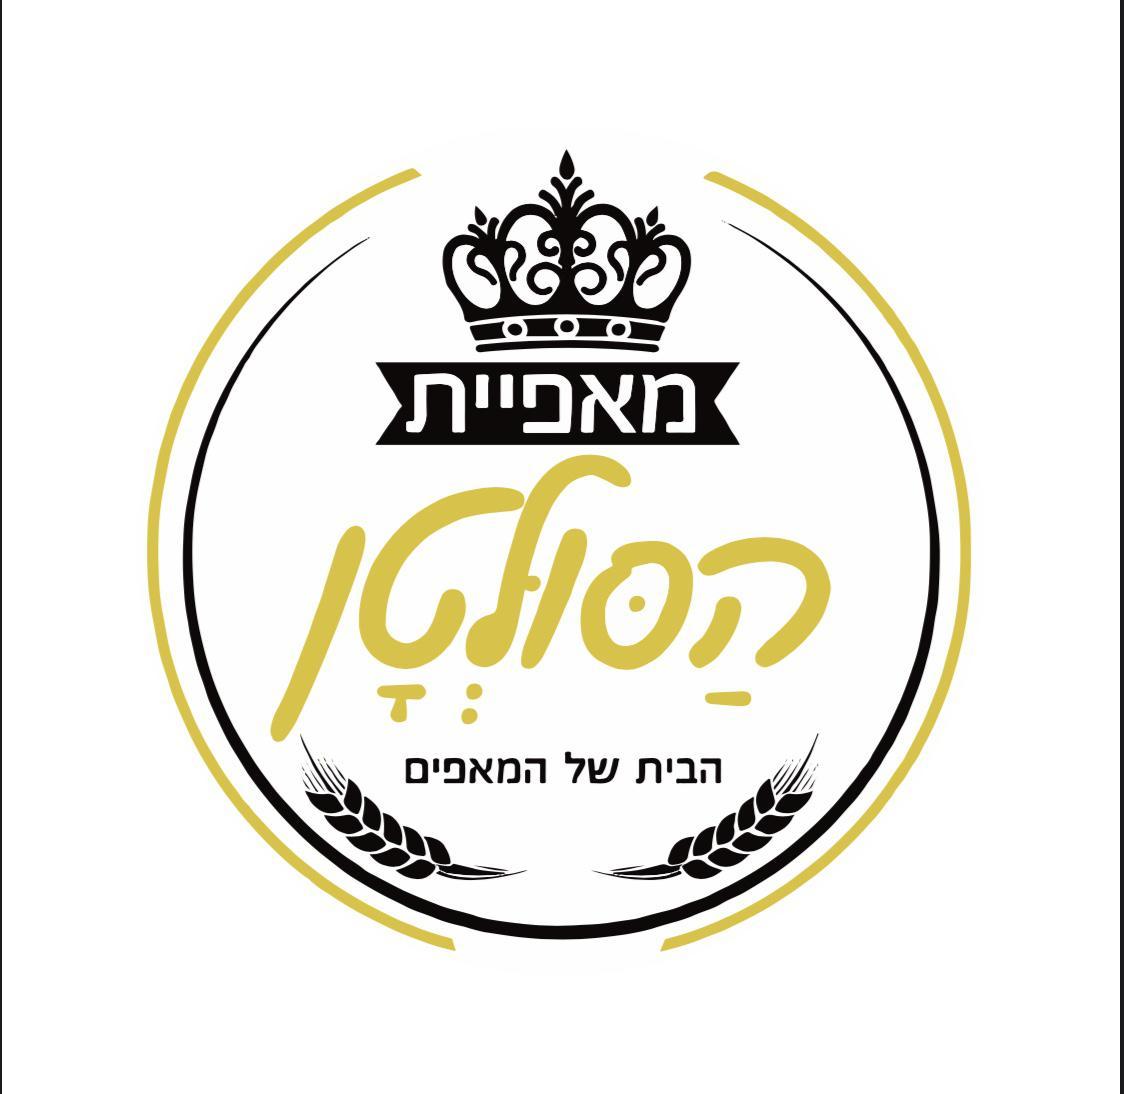 מאפיית הסולטן לוגו